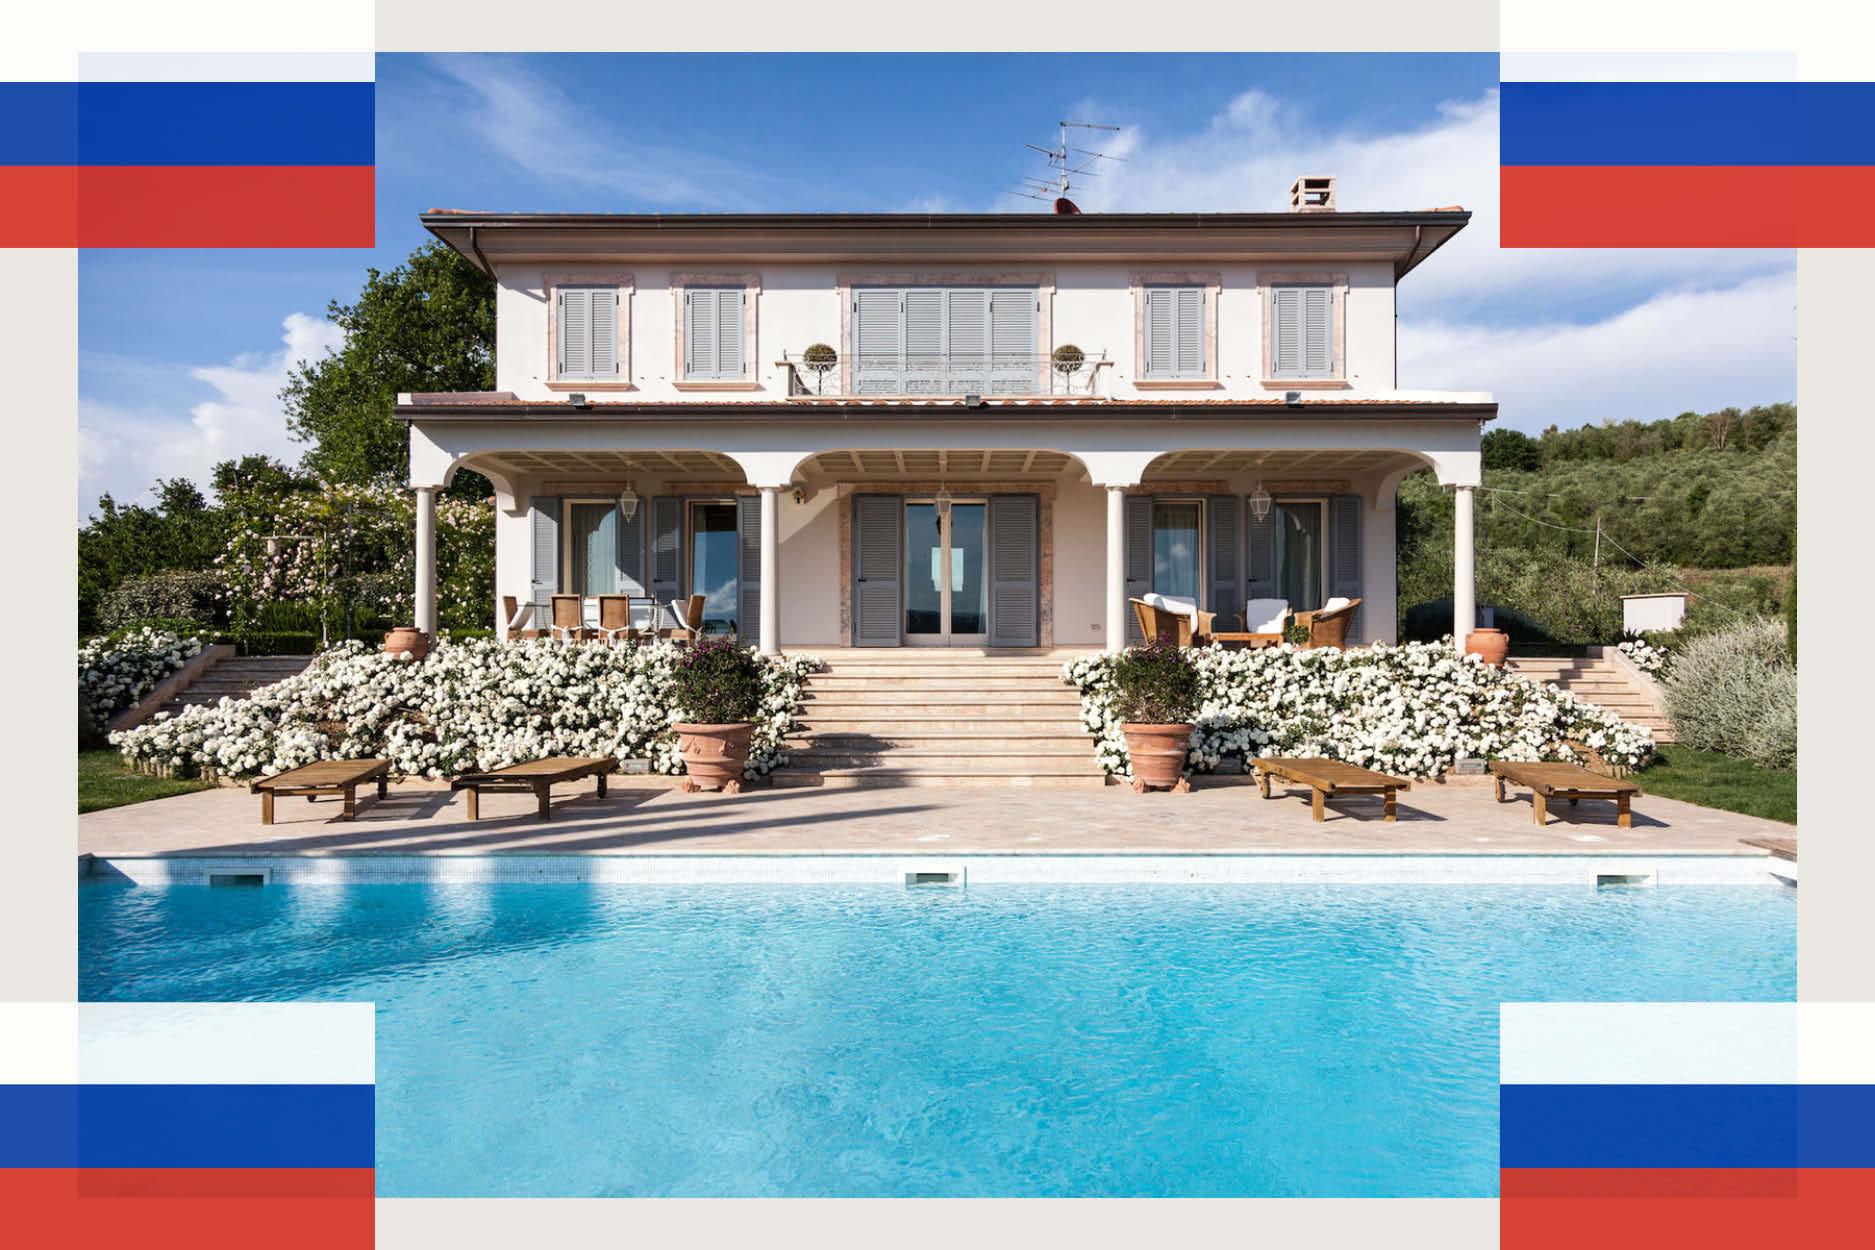 Коронавирус, ситуация на рынке недвижимости в Италии и… советы для российских покупателей: инвестировать в элитную недвижимость Италии.